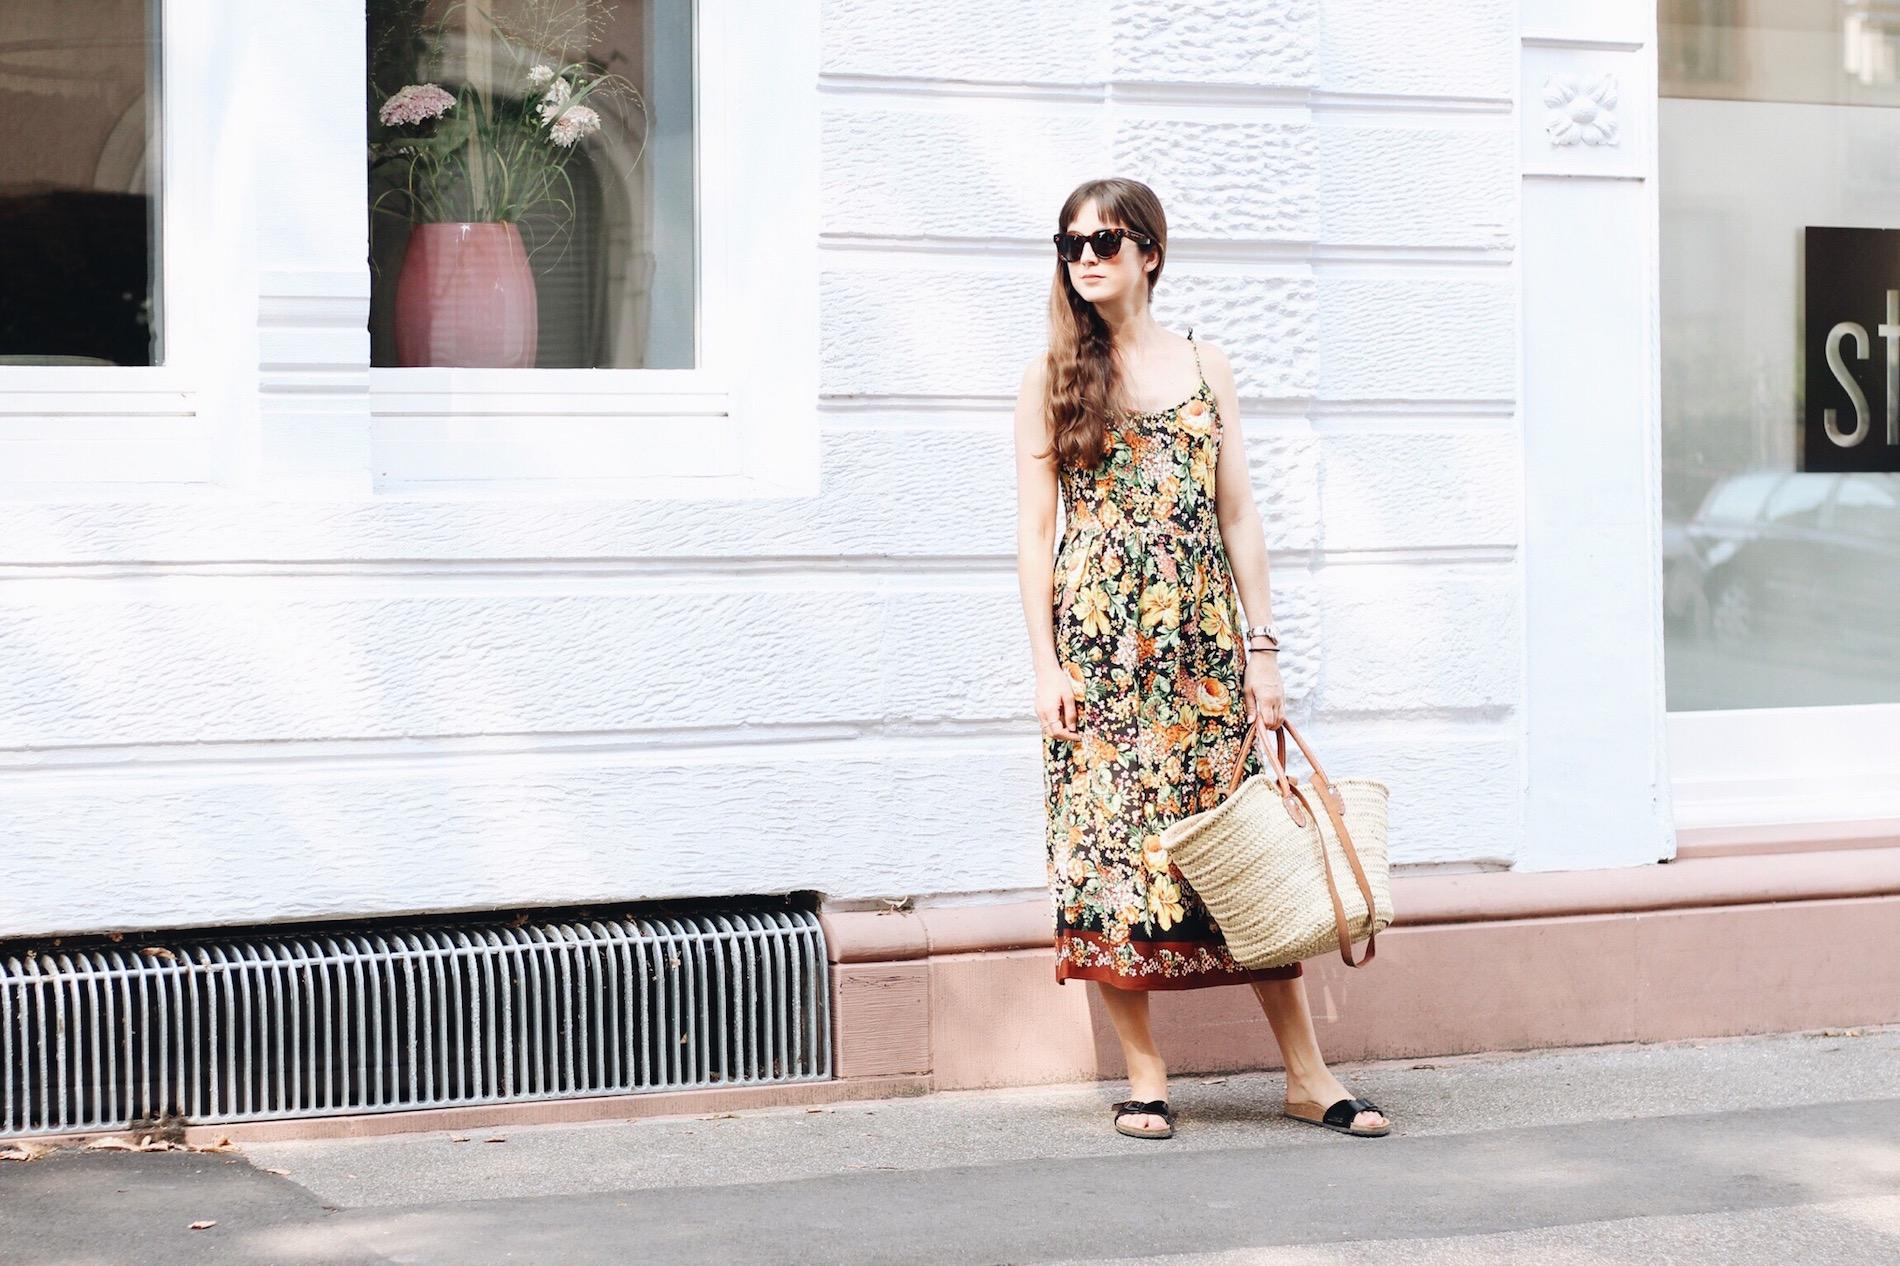 Ich trage mein neues Sommerkleid mit Blumenmuster von Zara für meinen Modeblog